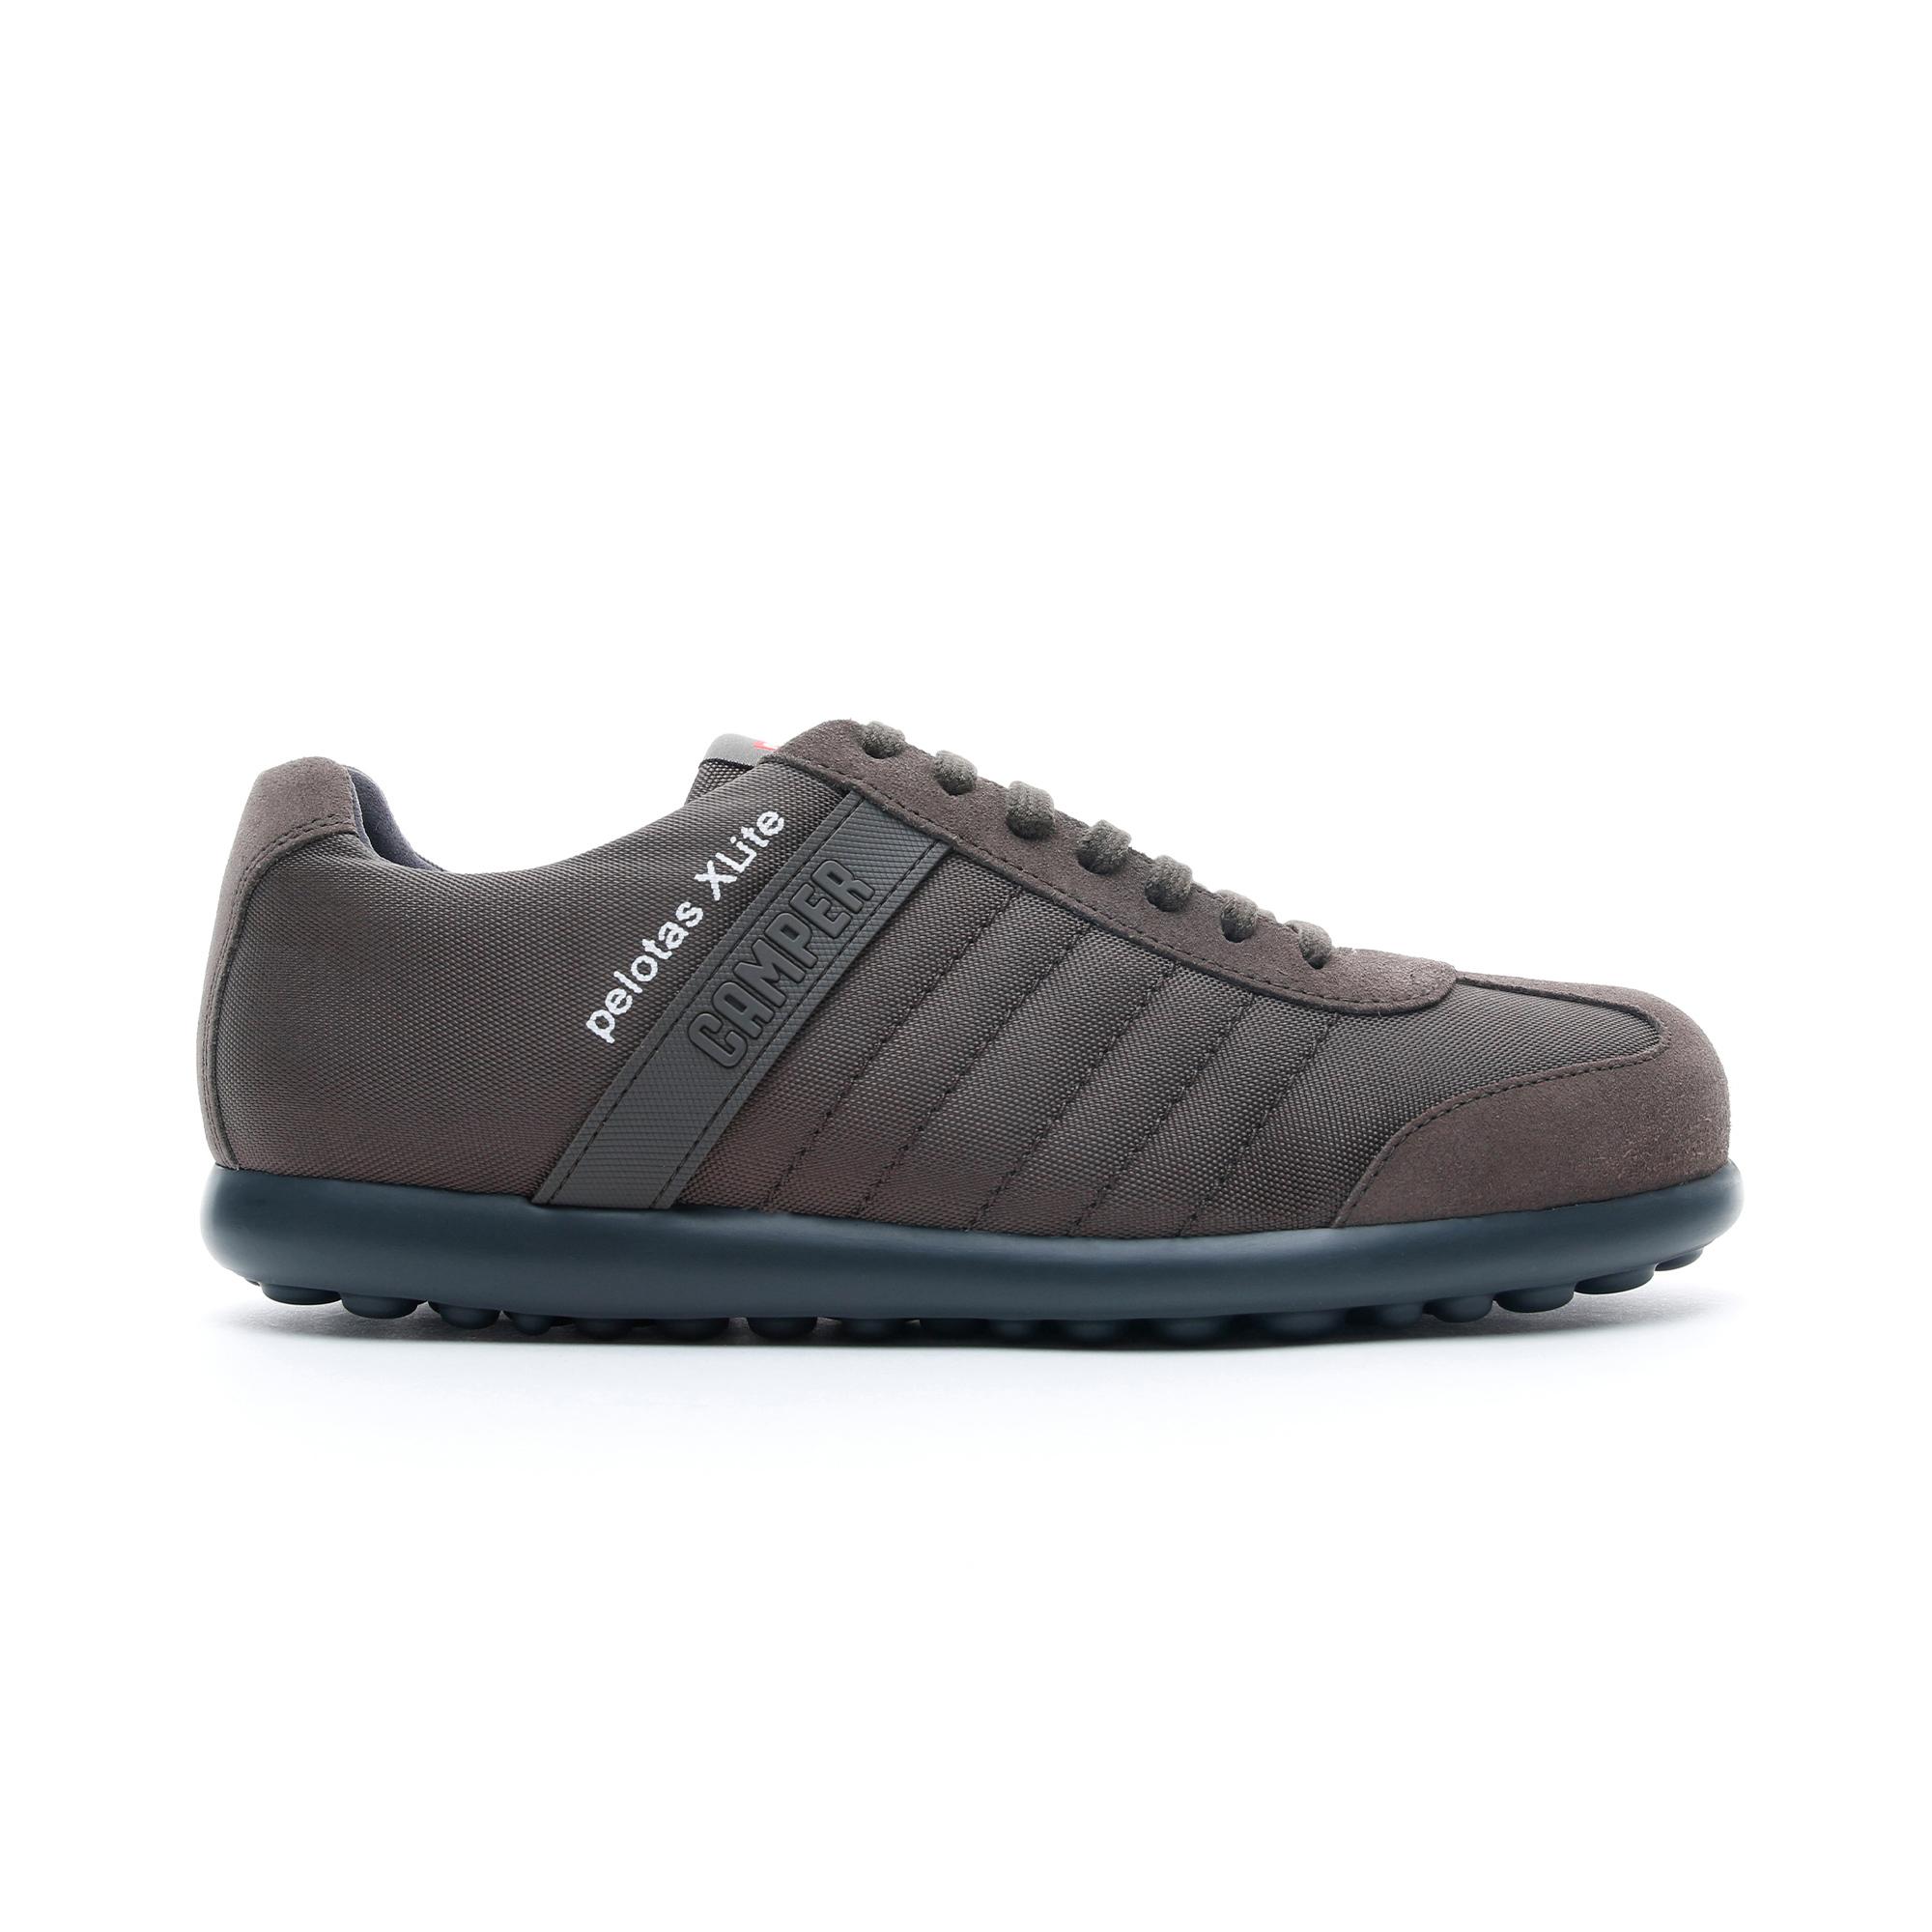 Camper Pelotas Xlite Kahverengi Erkek Günlük Ayakkabı